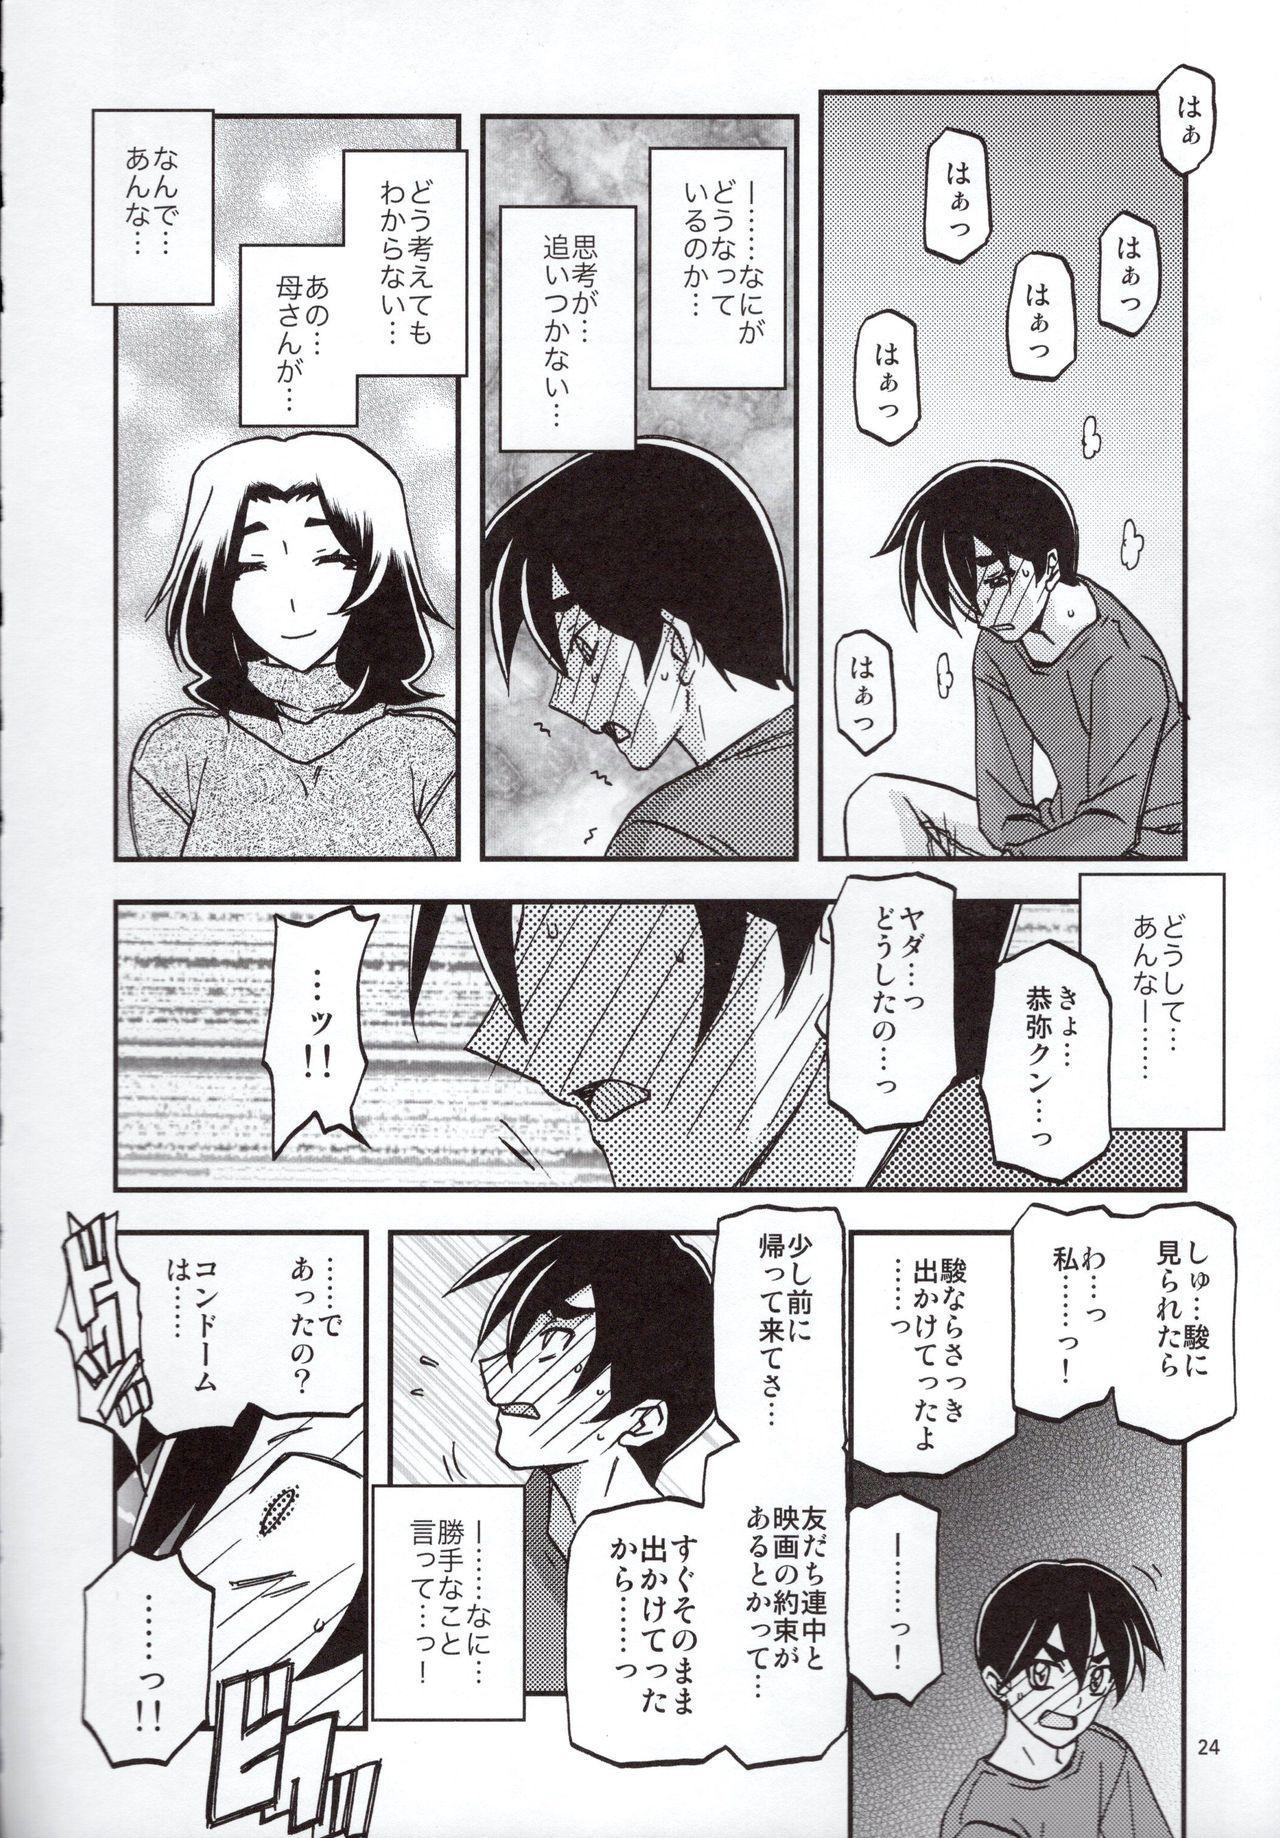 Yama Hime no Mi Orie 22